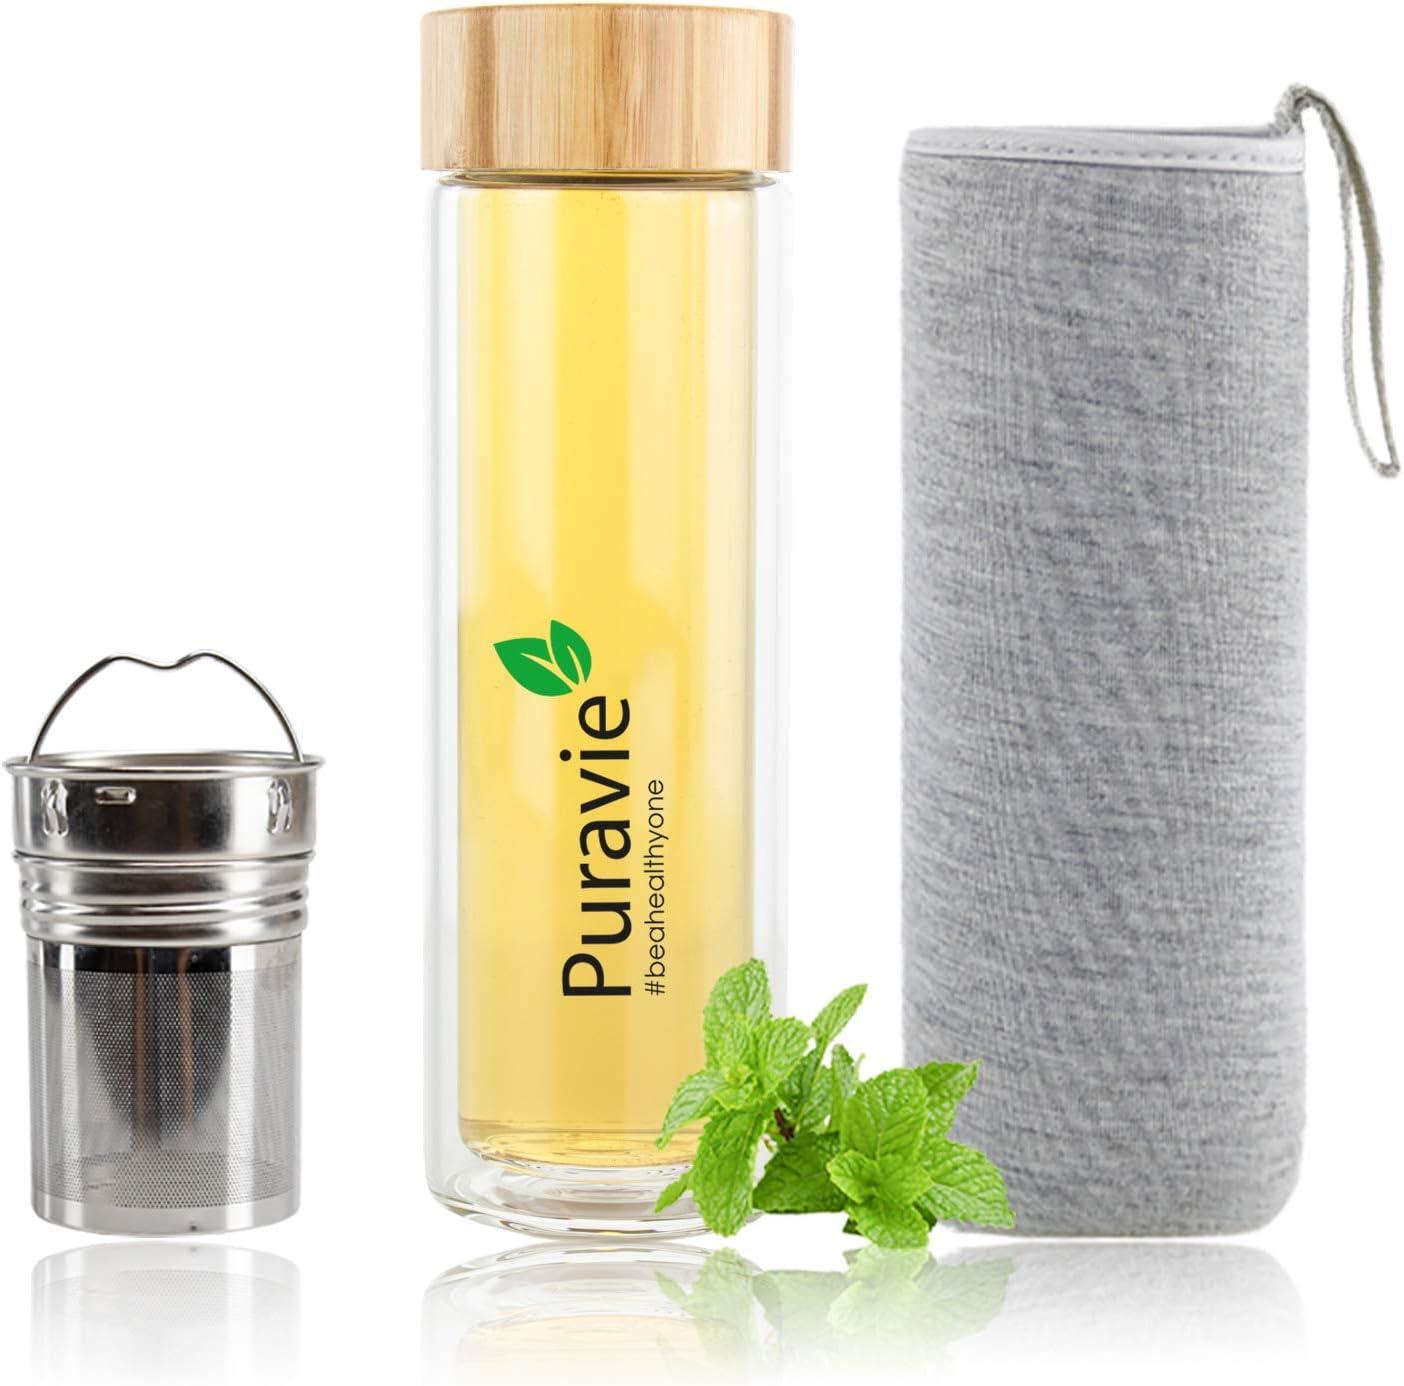 Puravie - Botella para té con filtro (filtro de té y frutas) de cristal, 450 ml, doble pared